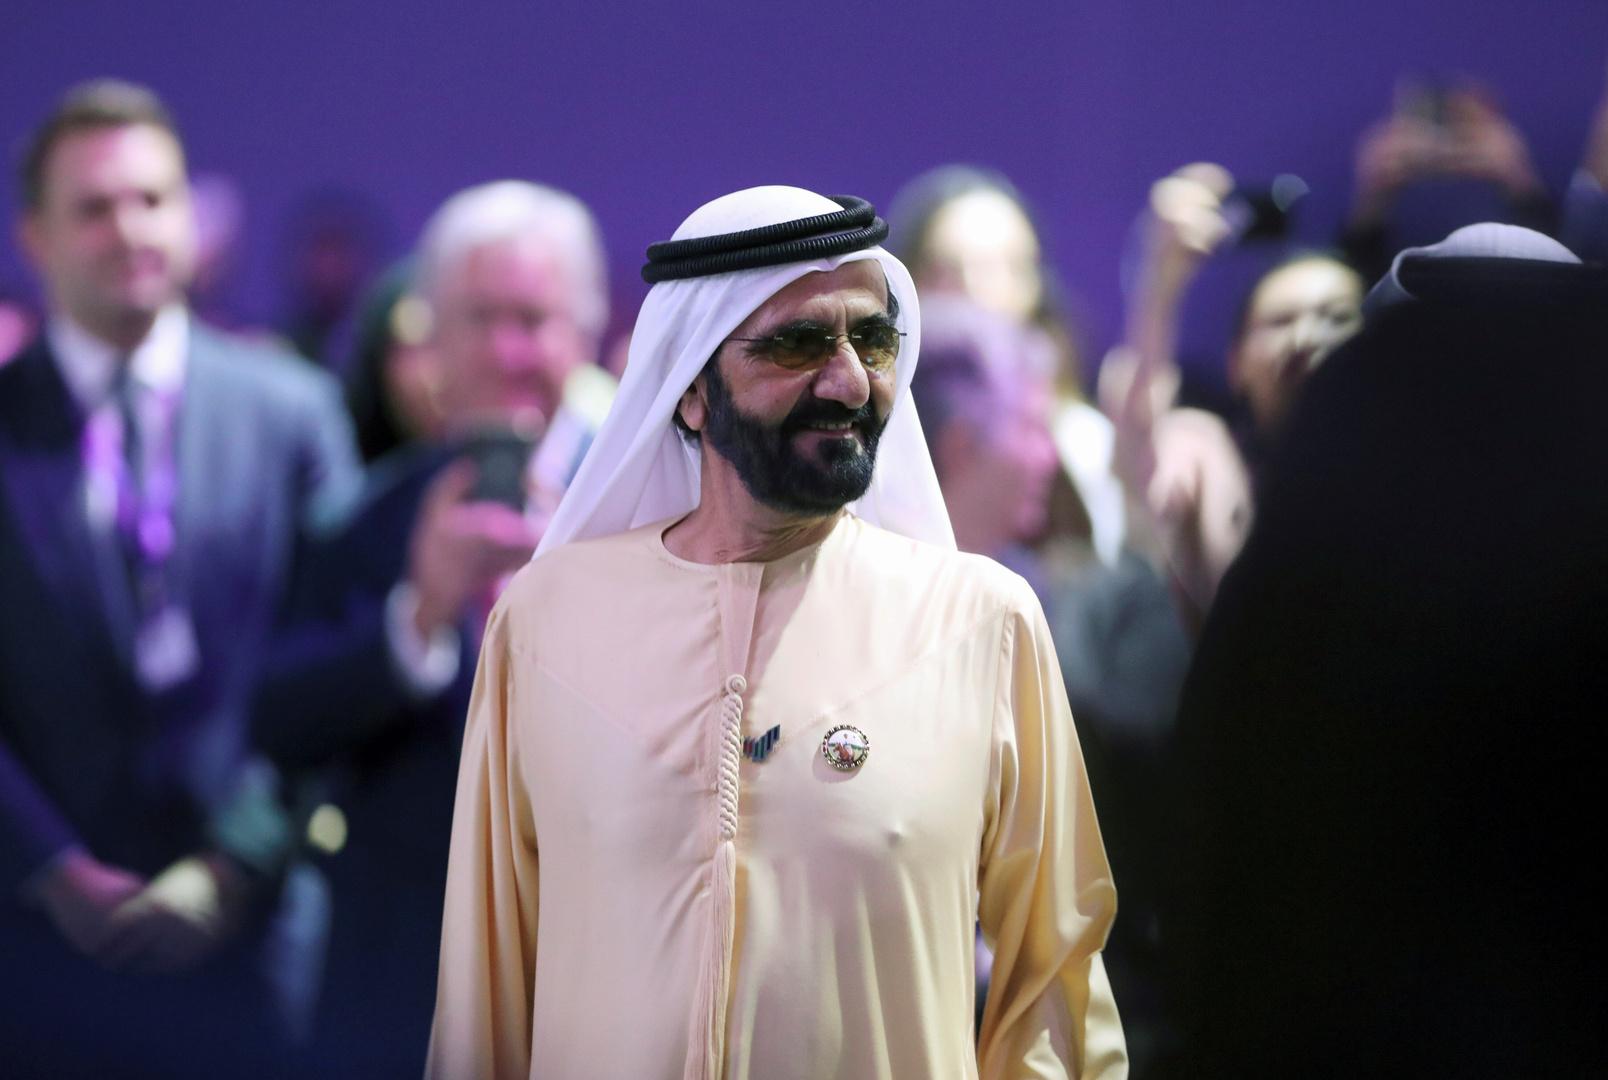 محمد بن راشد آل مكتوم  يدخل تعديلات على بعض الأحكام الخاصة بالإقامة في الإمارات